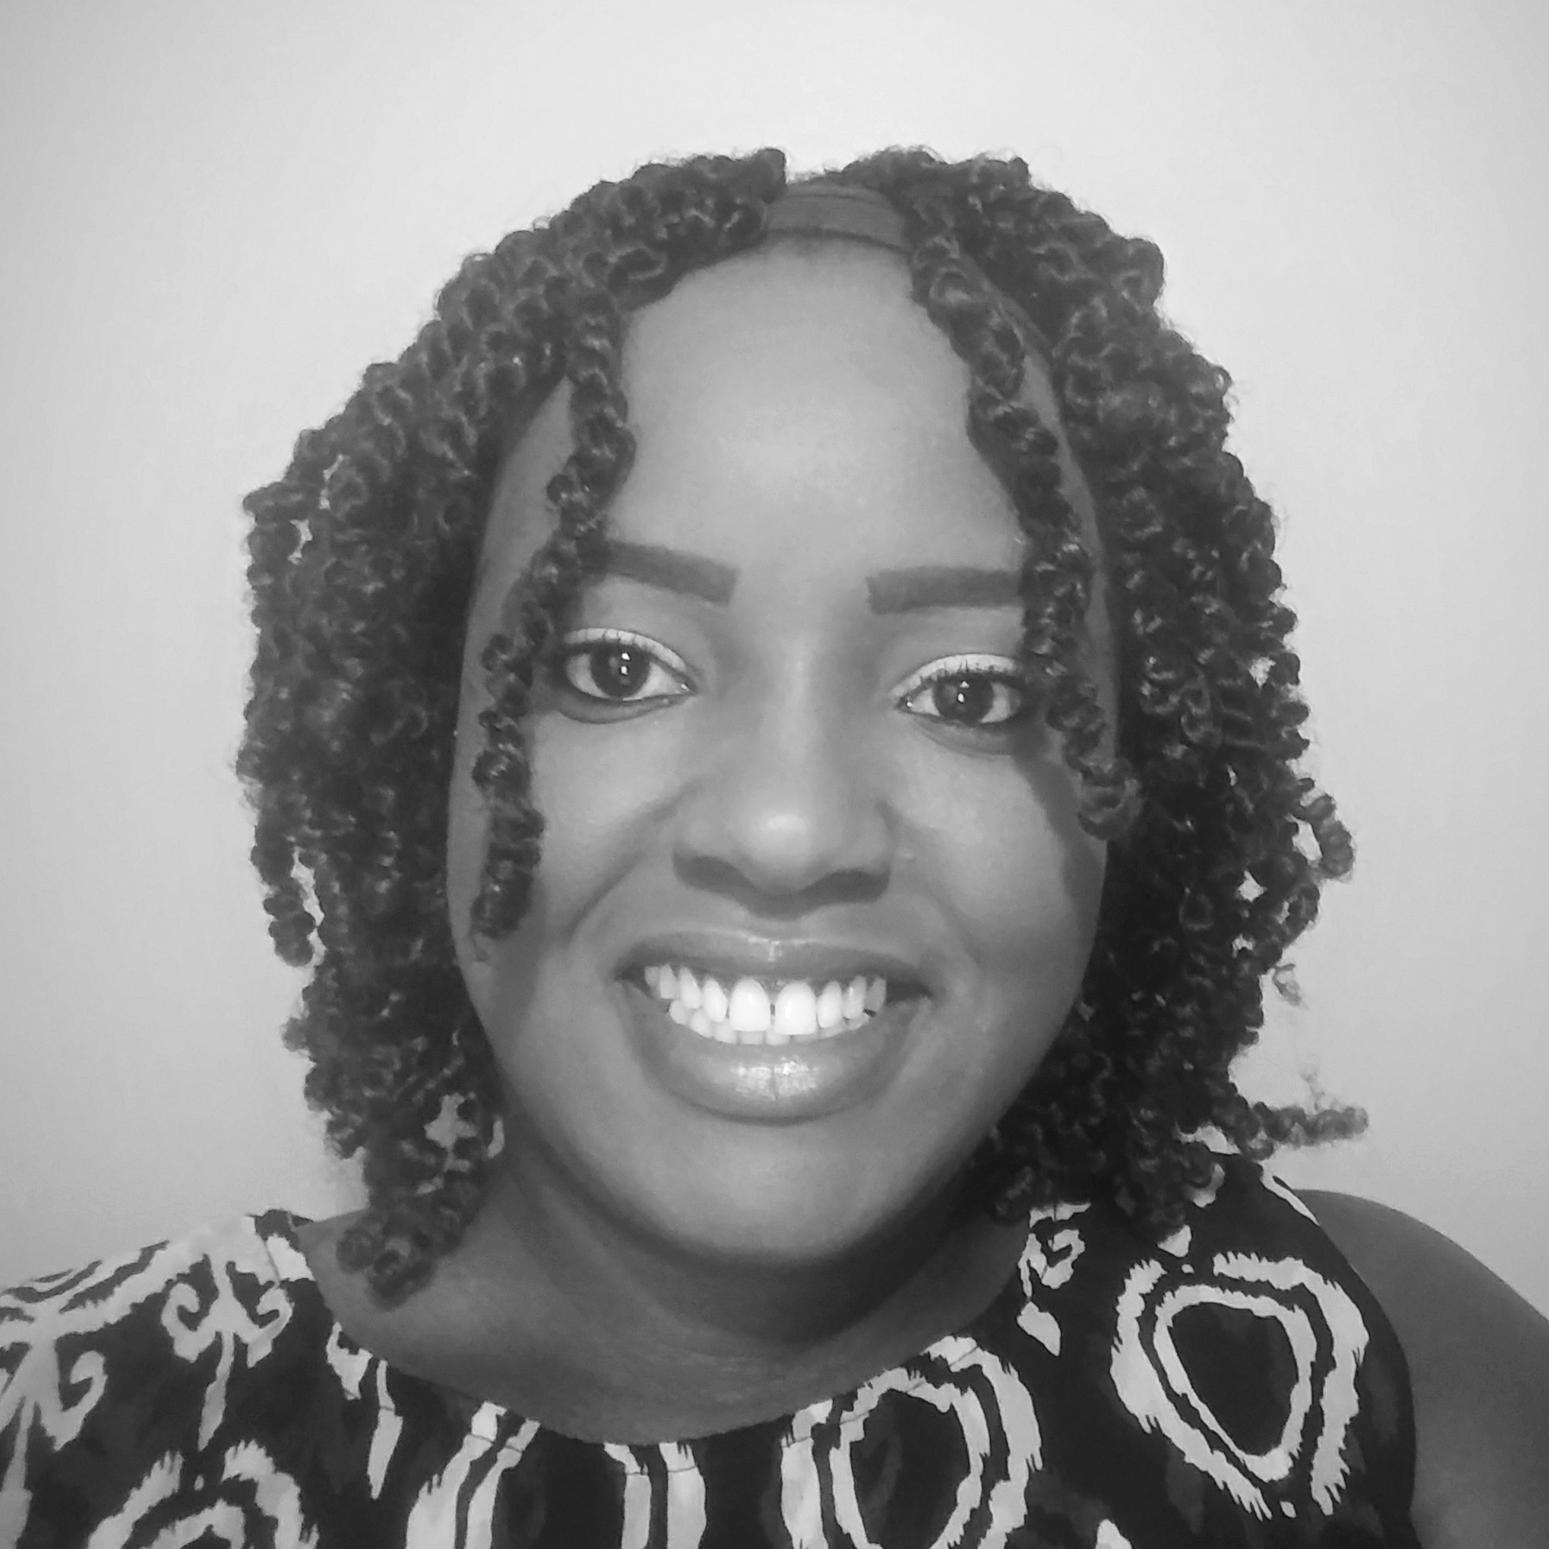 Christine Mwangi Headshot 2.0